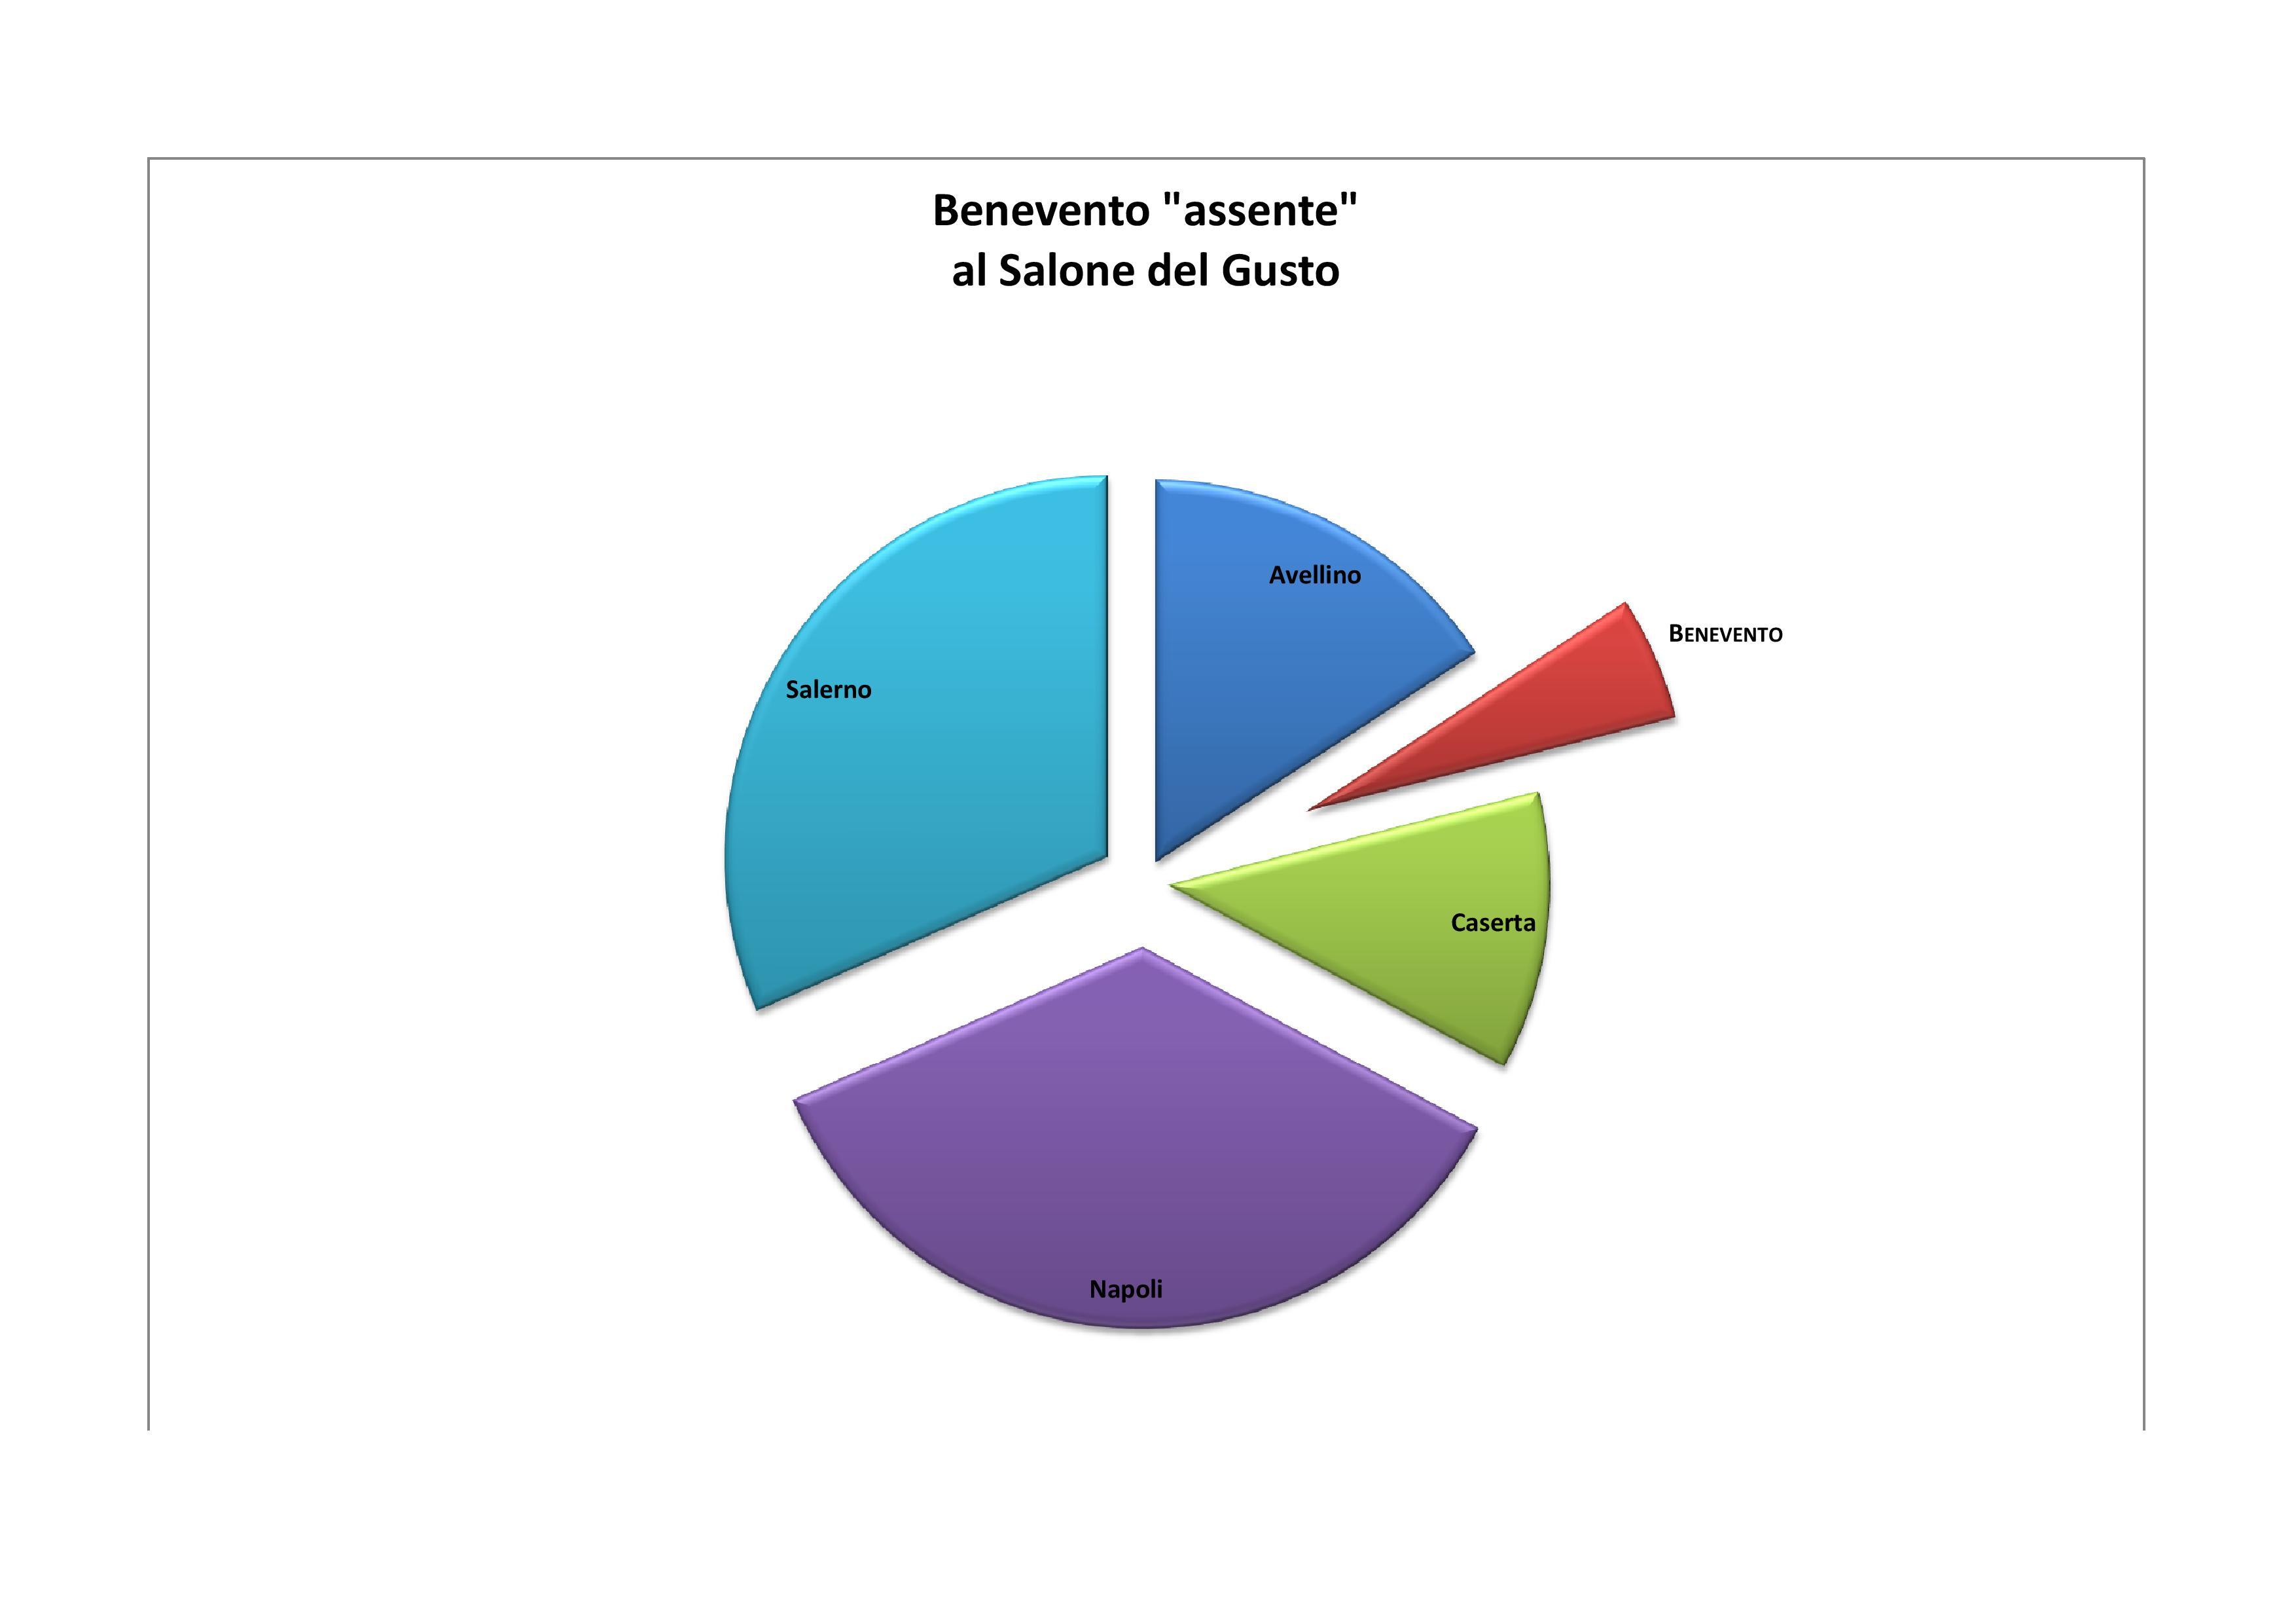 TORTA PARTECIPAZIONE AZIENDE BENEVENTO SALONE DEL GUSTO